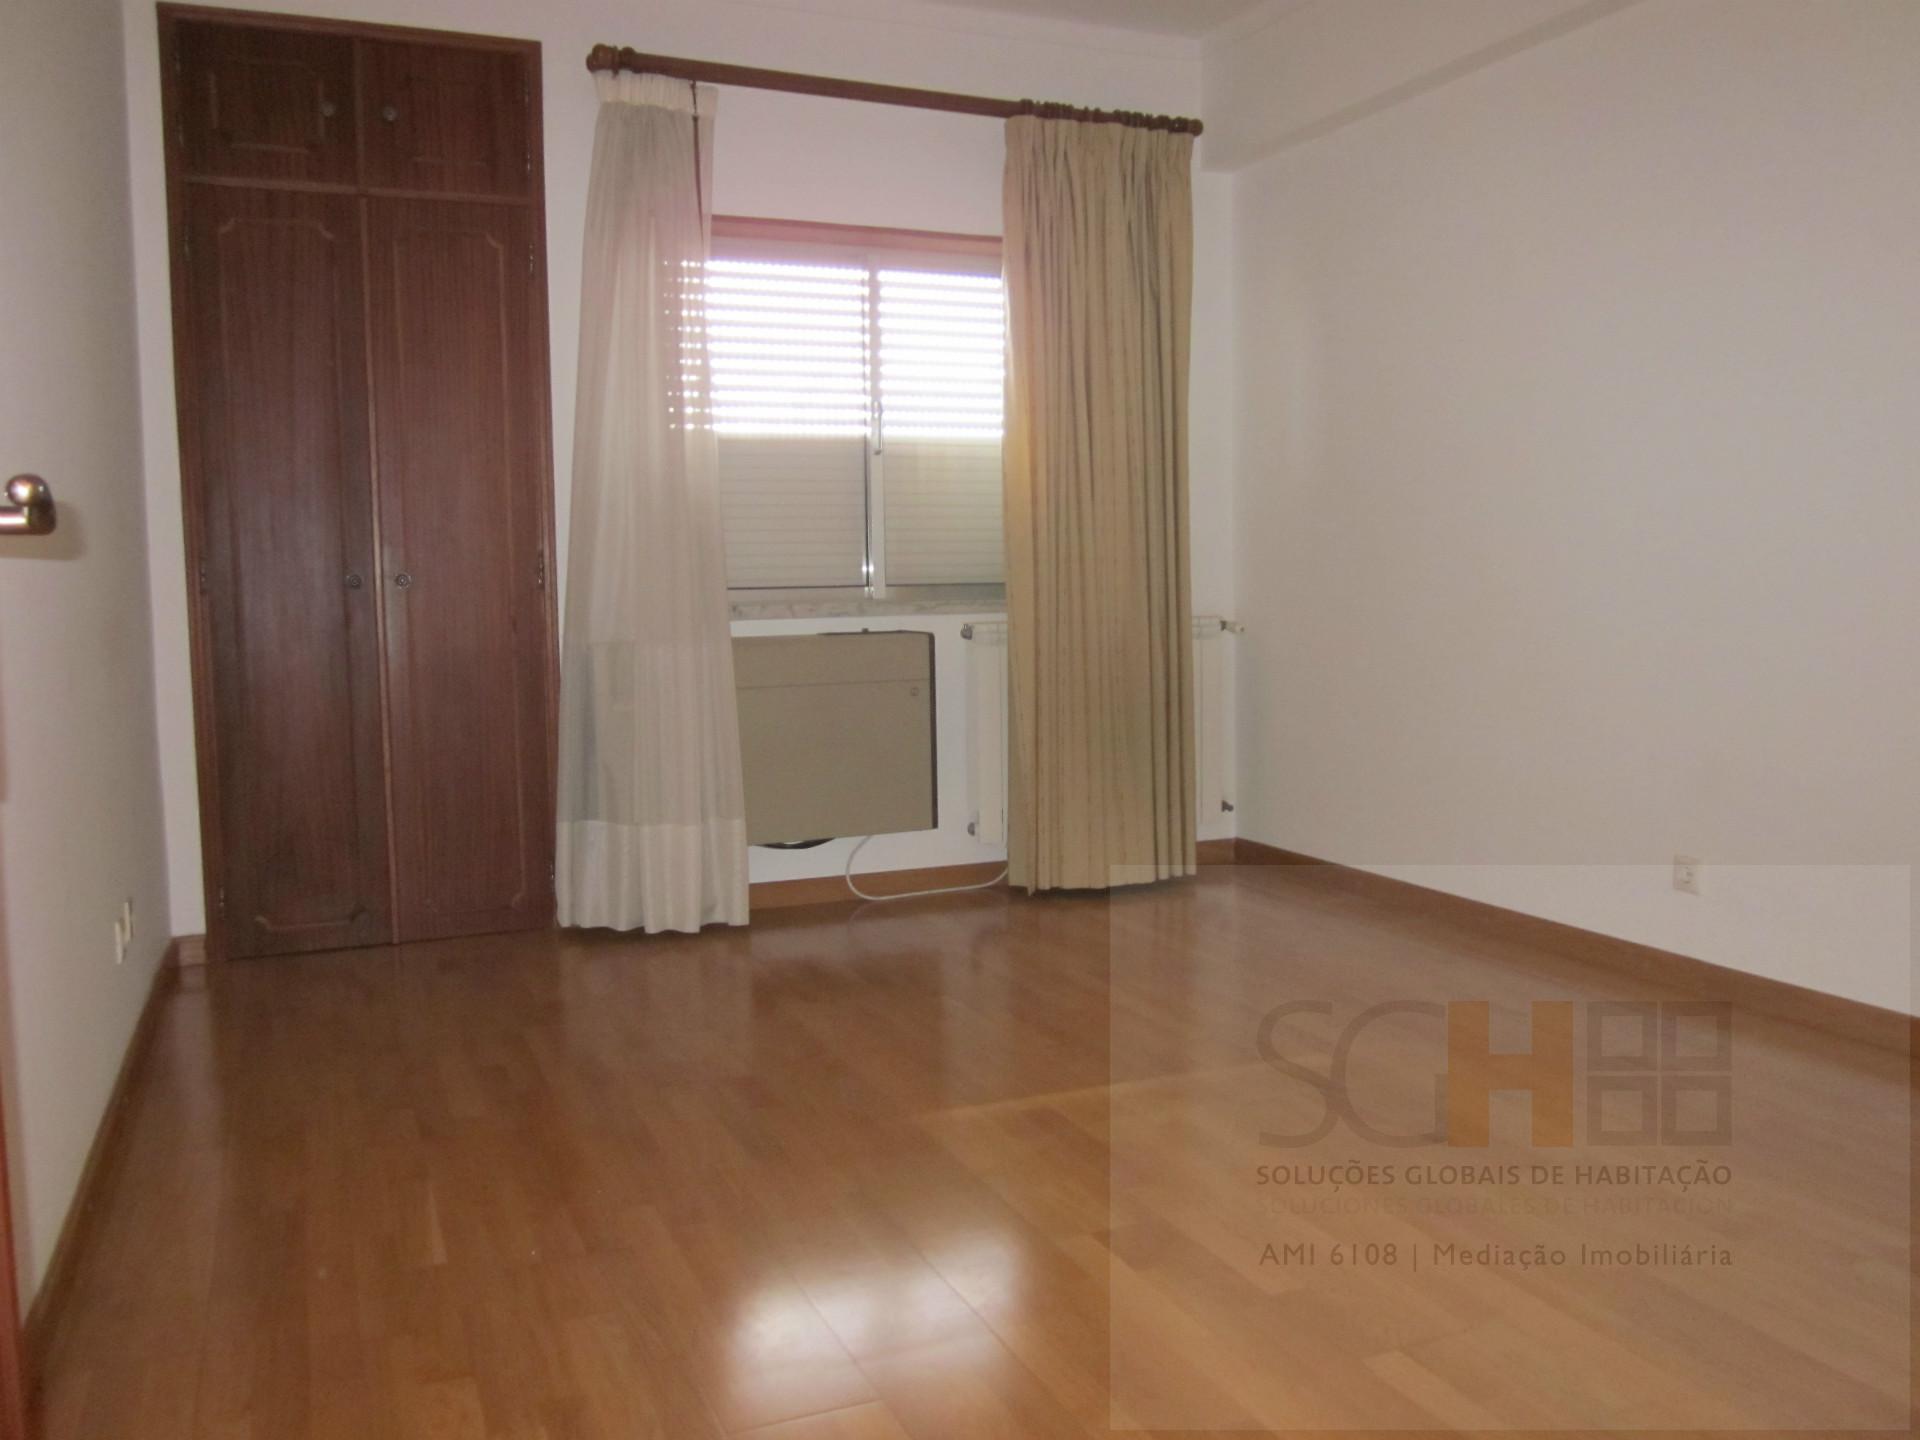 Appartamento 5 Vani, Castelo Branco, Castelo Branco